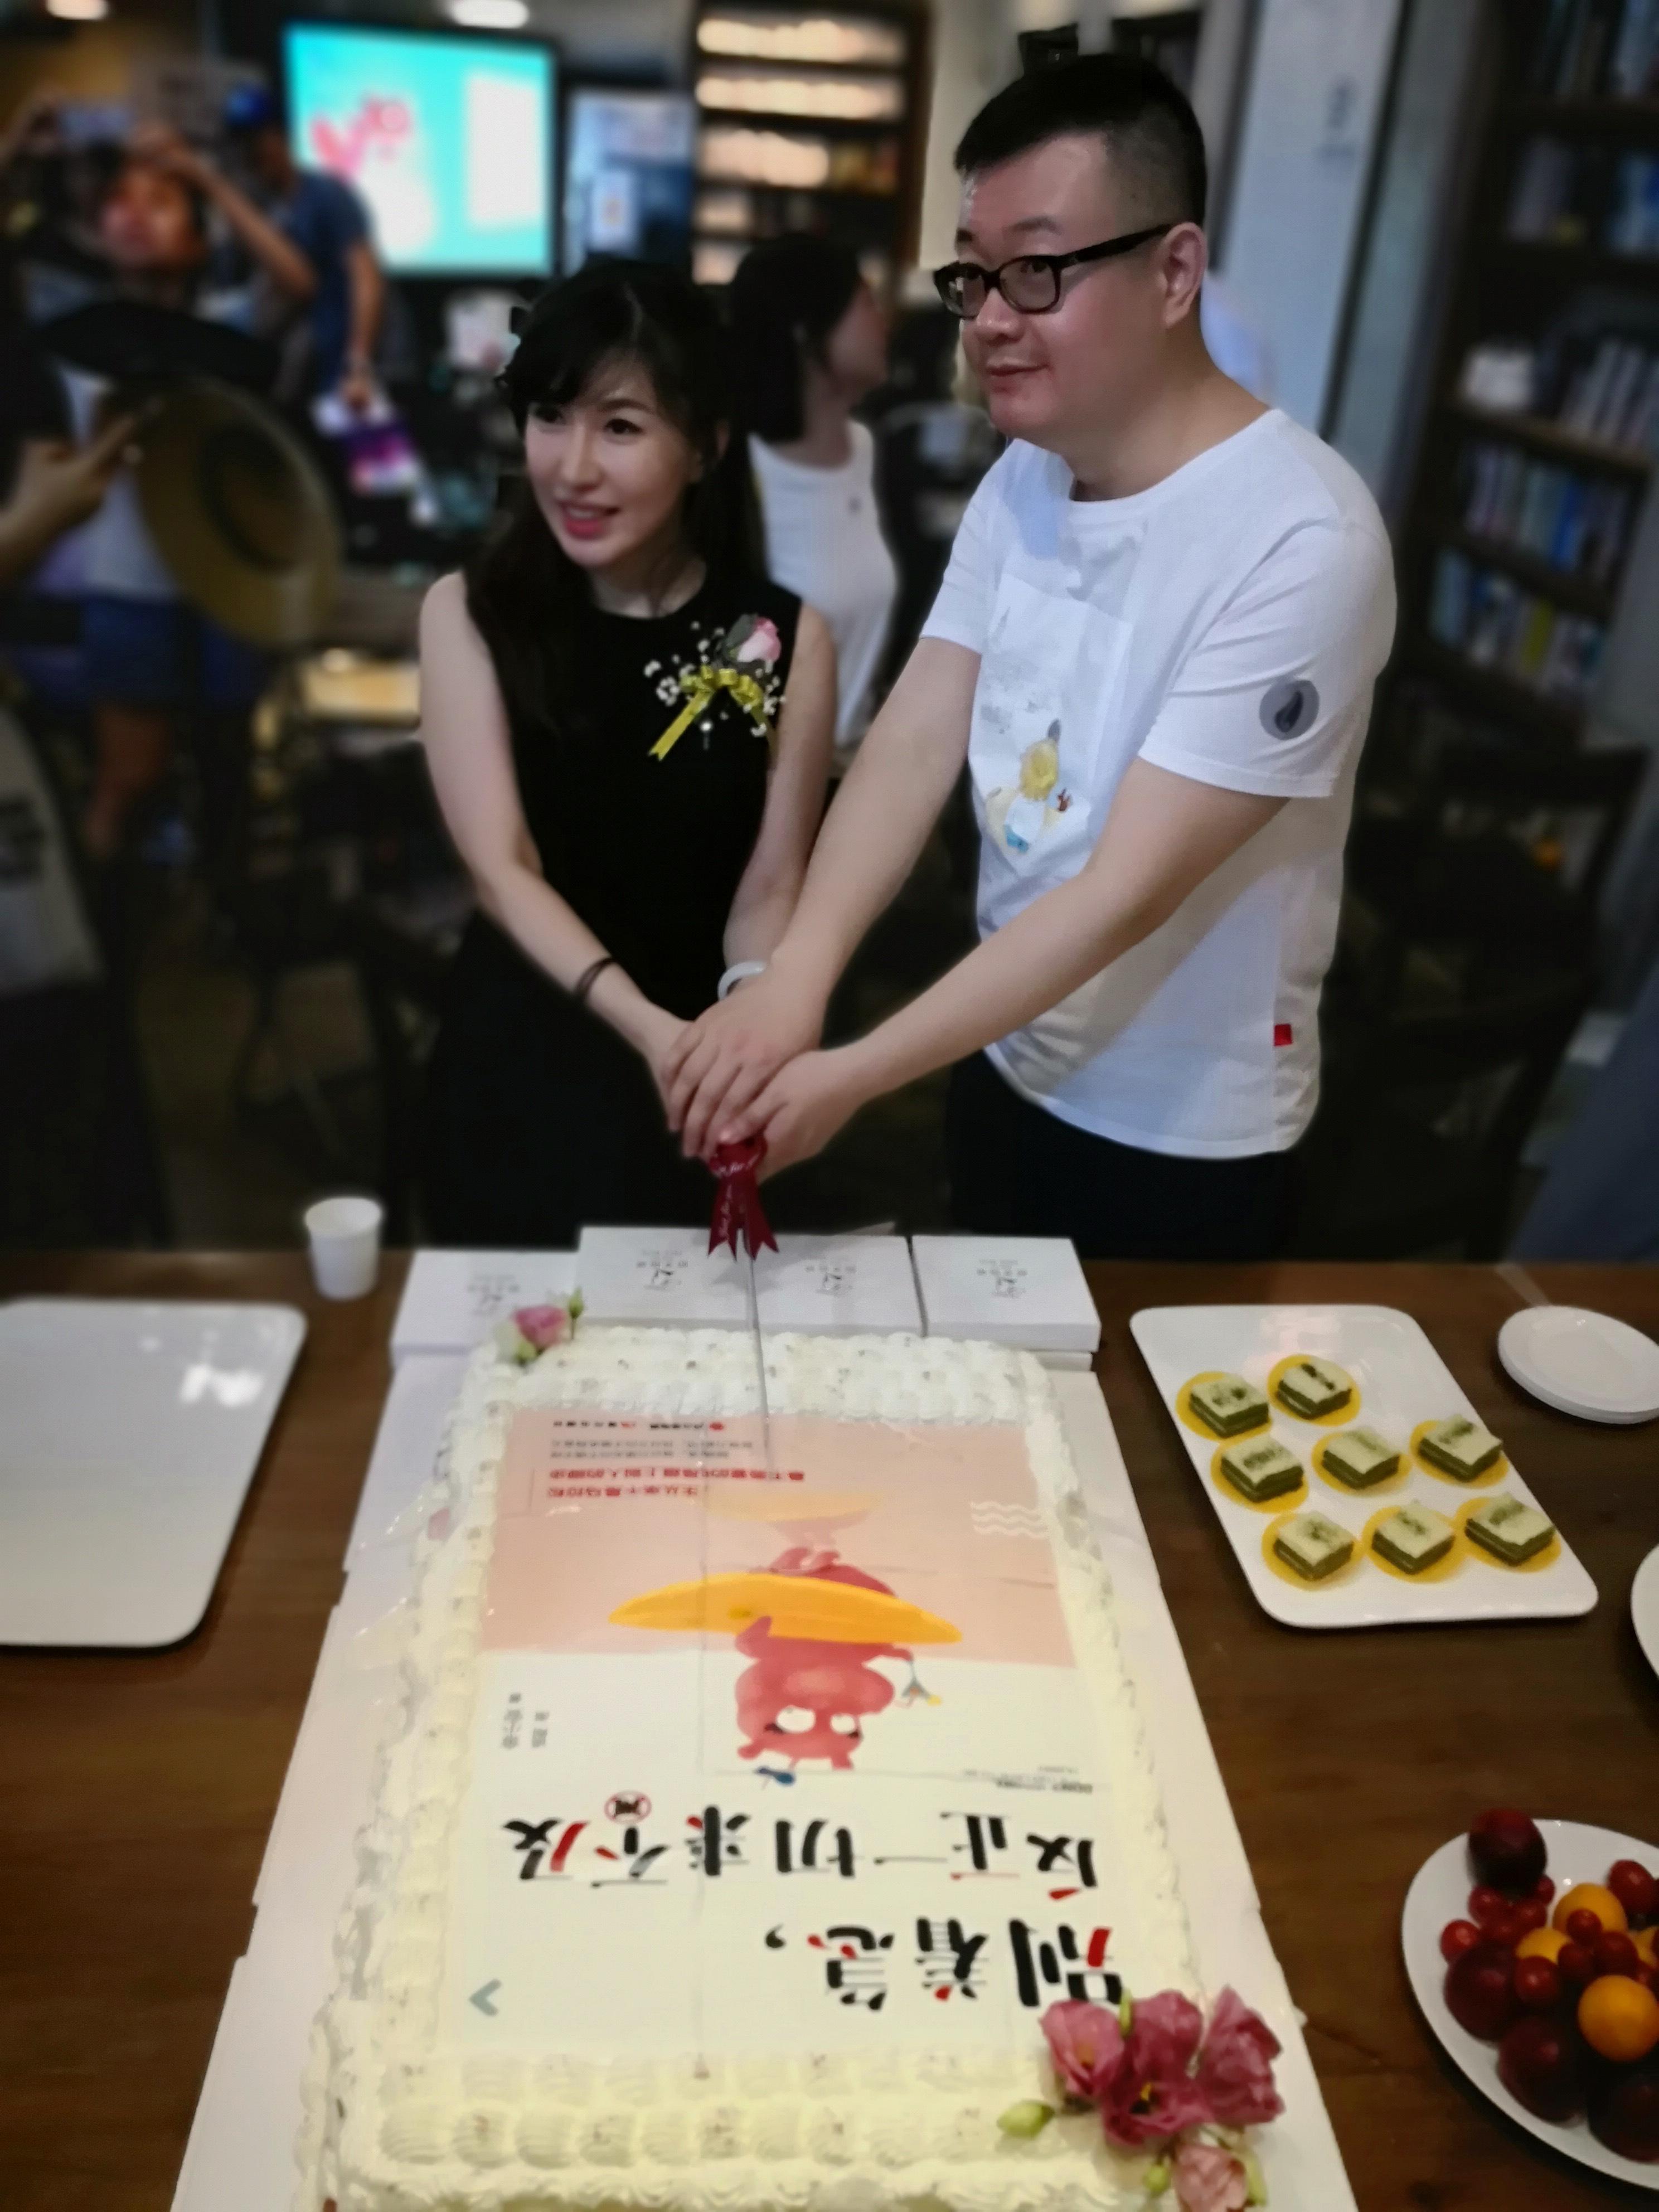 全新女性励志读物《别着急,反正一切来不及》新书发布会在京举行